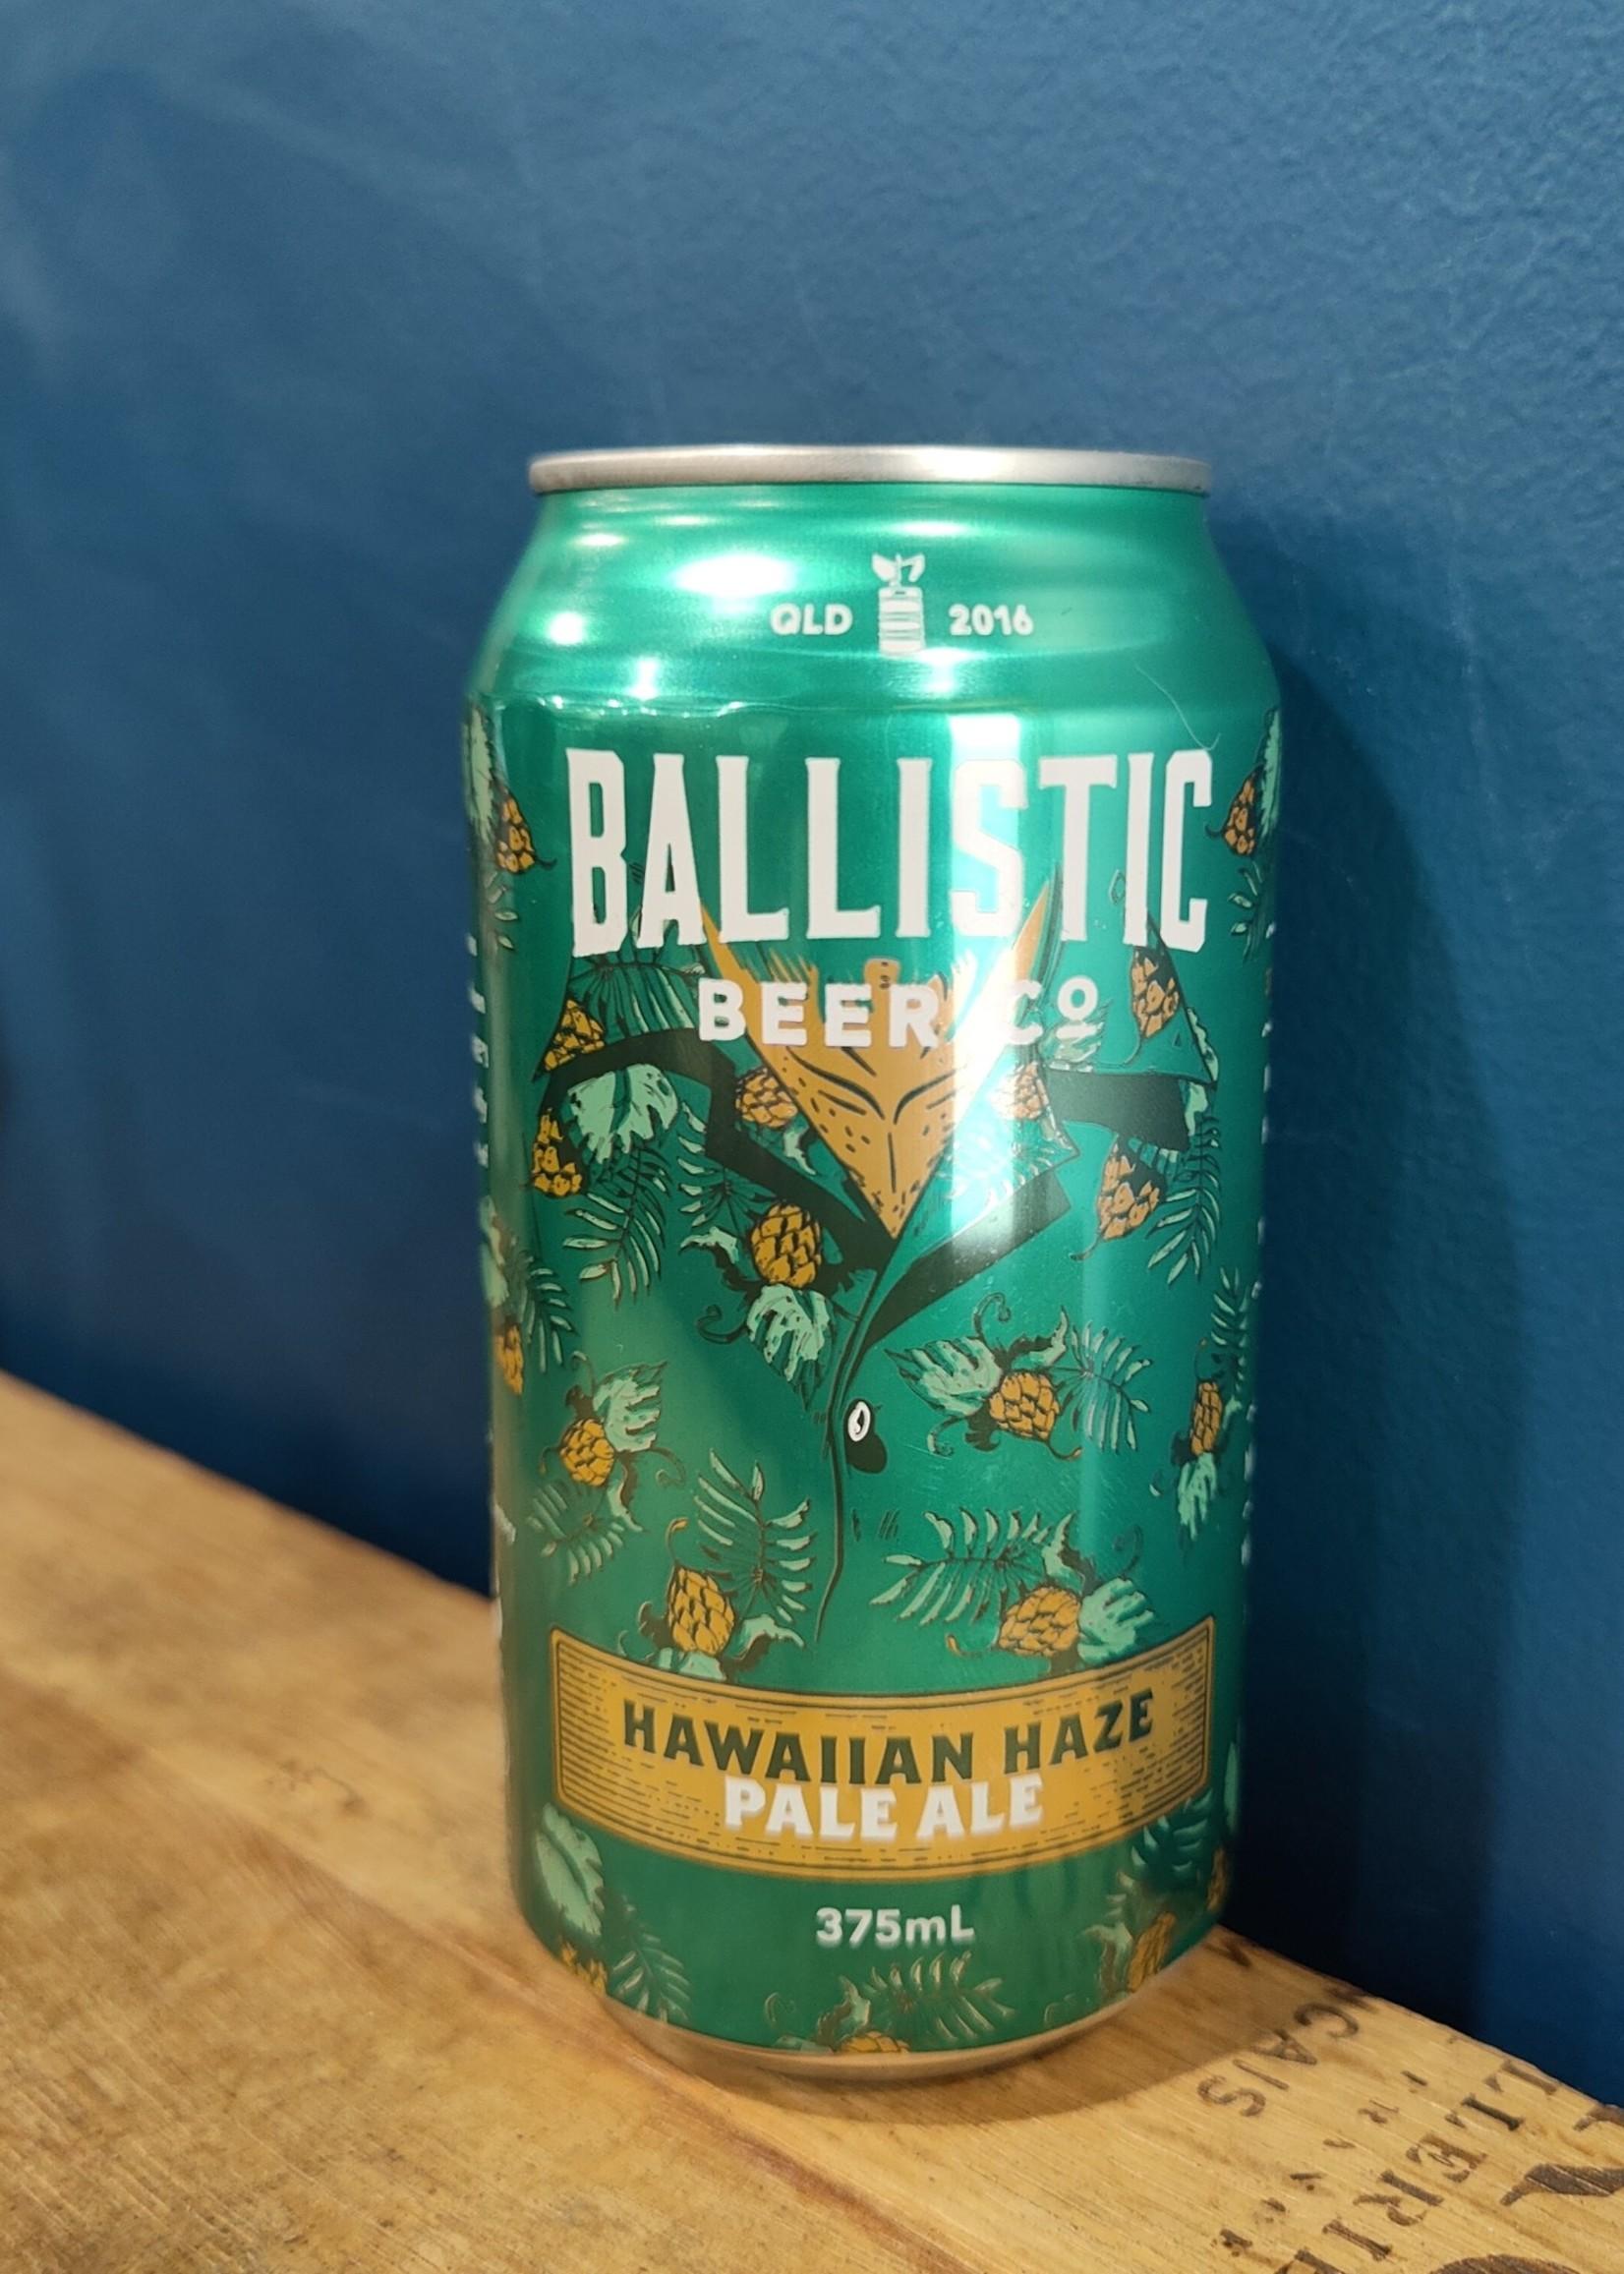 Ballistic Ballistic Hawaiian Haze